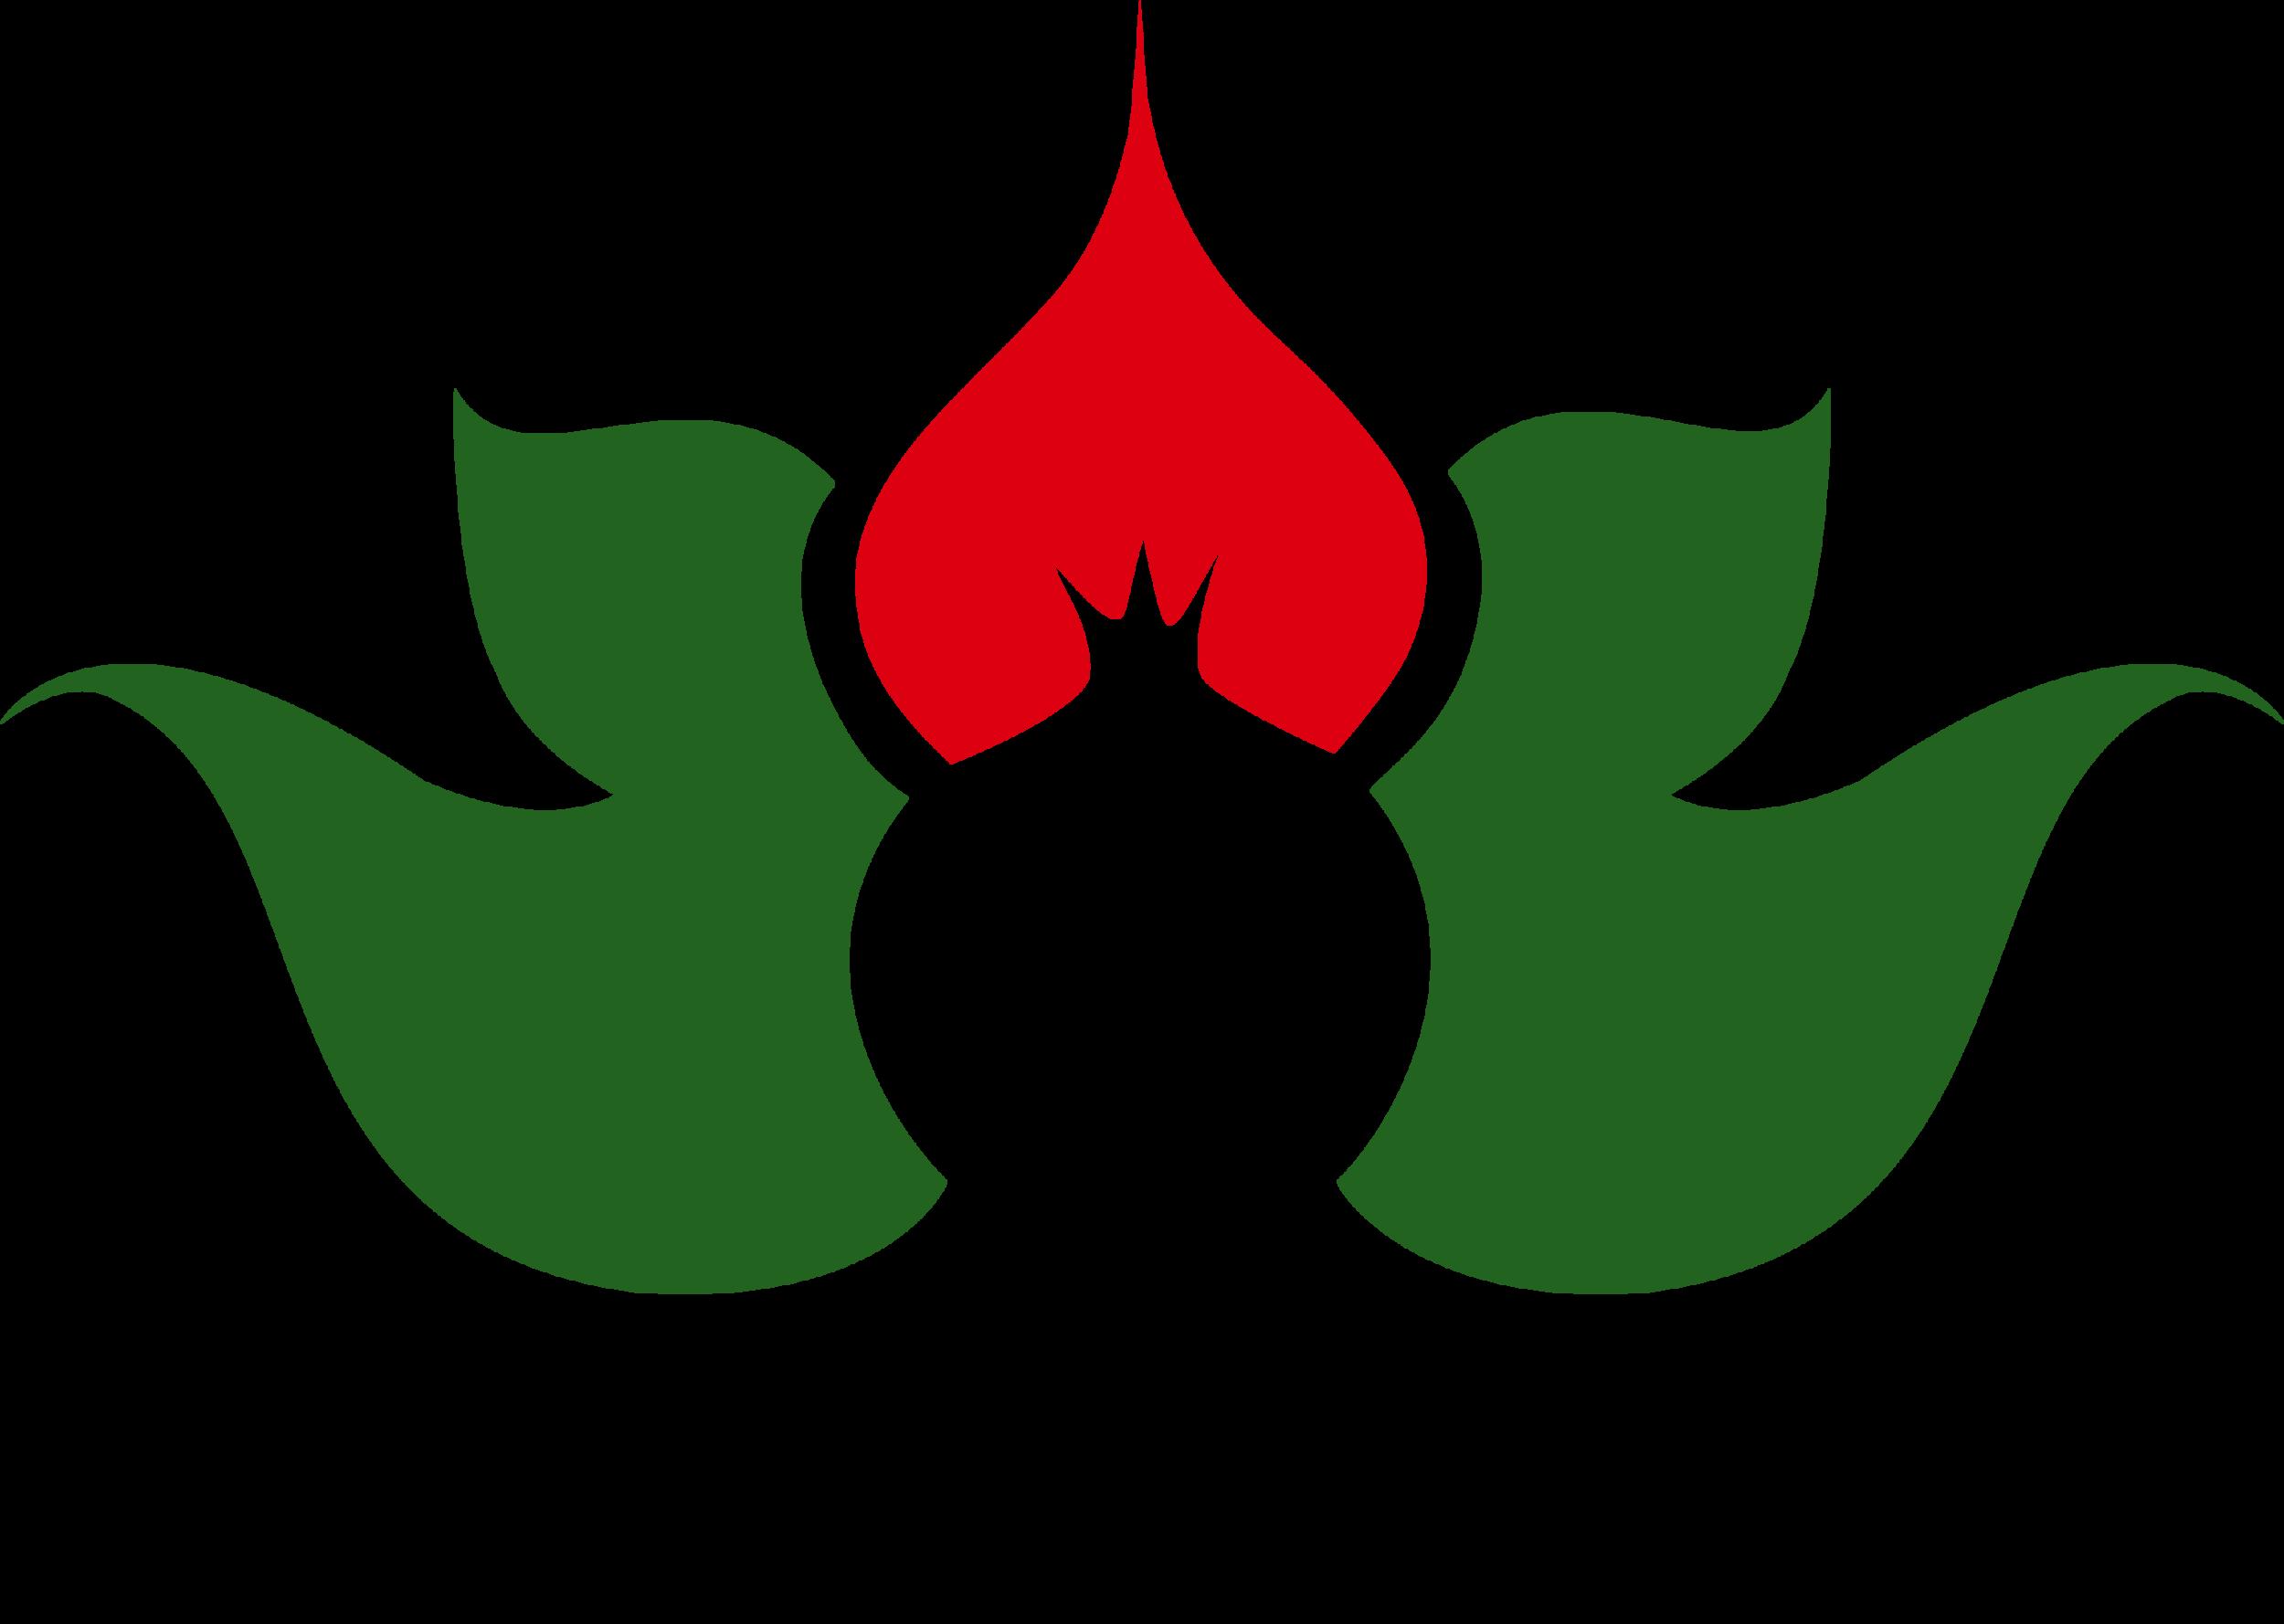 Nurish-mind-logo-business-partner-mindful-eating.png